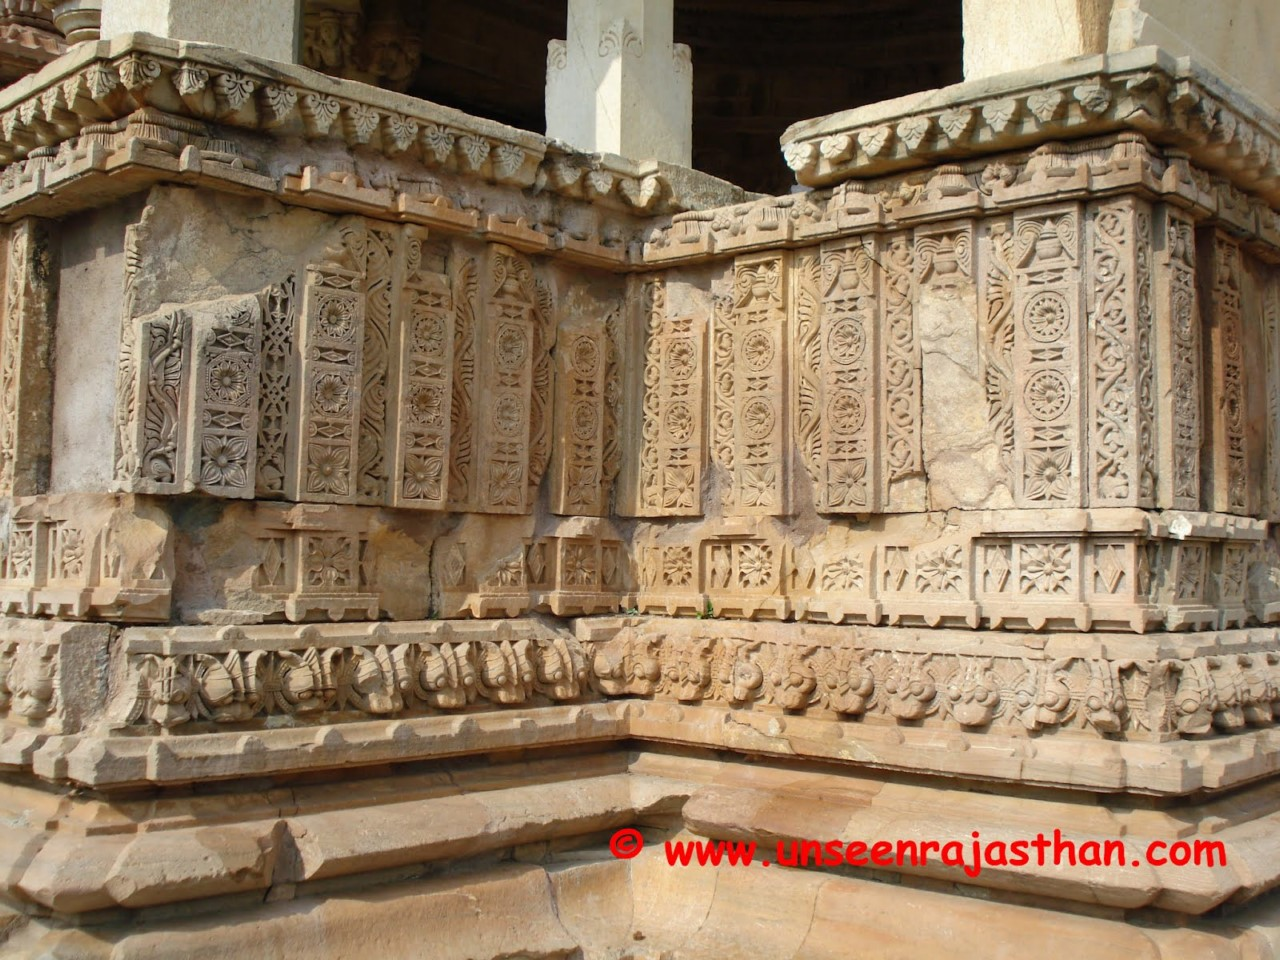 Бхангар — призрачный город в Индии Бхангар, город, крепости, только, крепость, форта, можно, Индии, время, жители, версии, Джайпура, после, зданий, Местные, городе, мудреца, построить, будет, которое